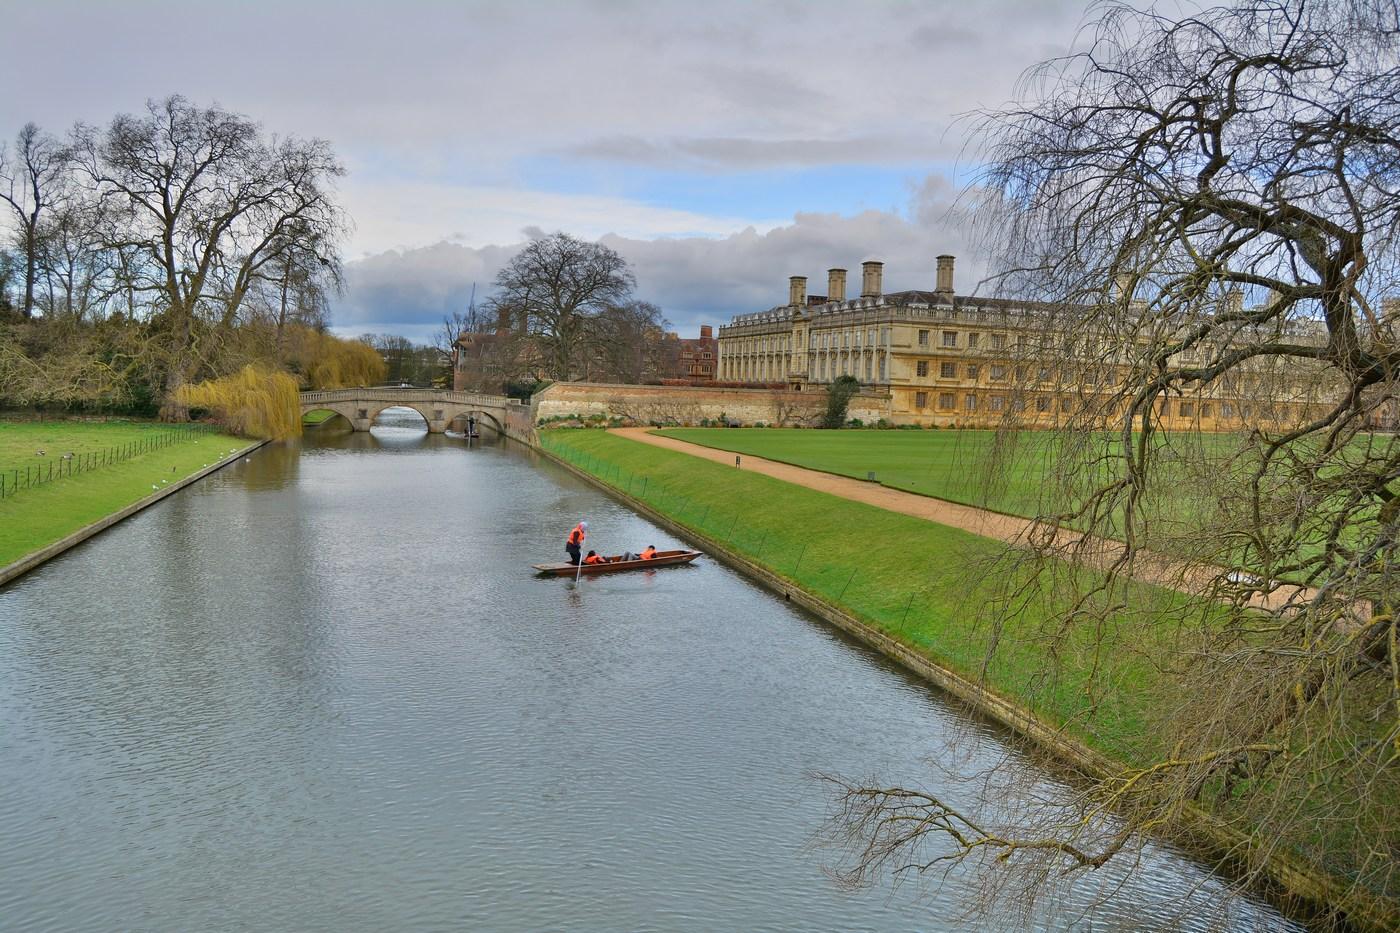 """La rivière Cam longe l'arrière des grands collèges de la ville, d'où le nom de """"backs"""" de ces jardins aérés, lieu de promenade favori des étudiants."""